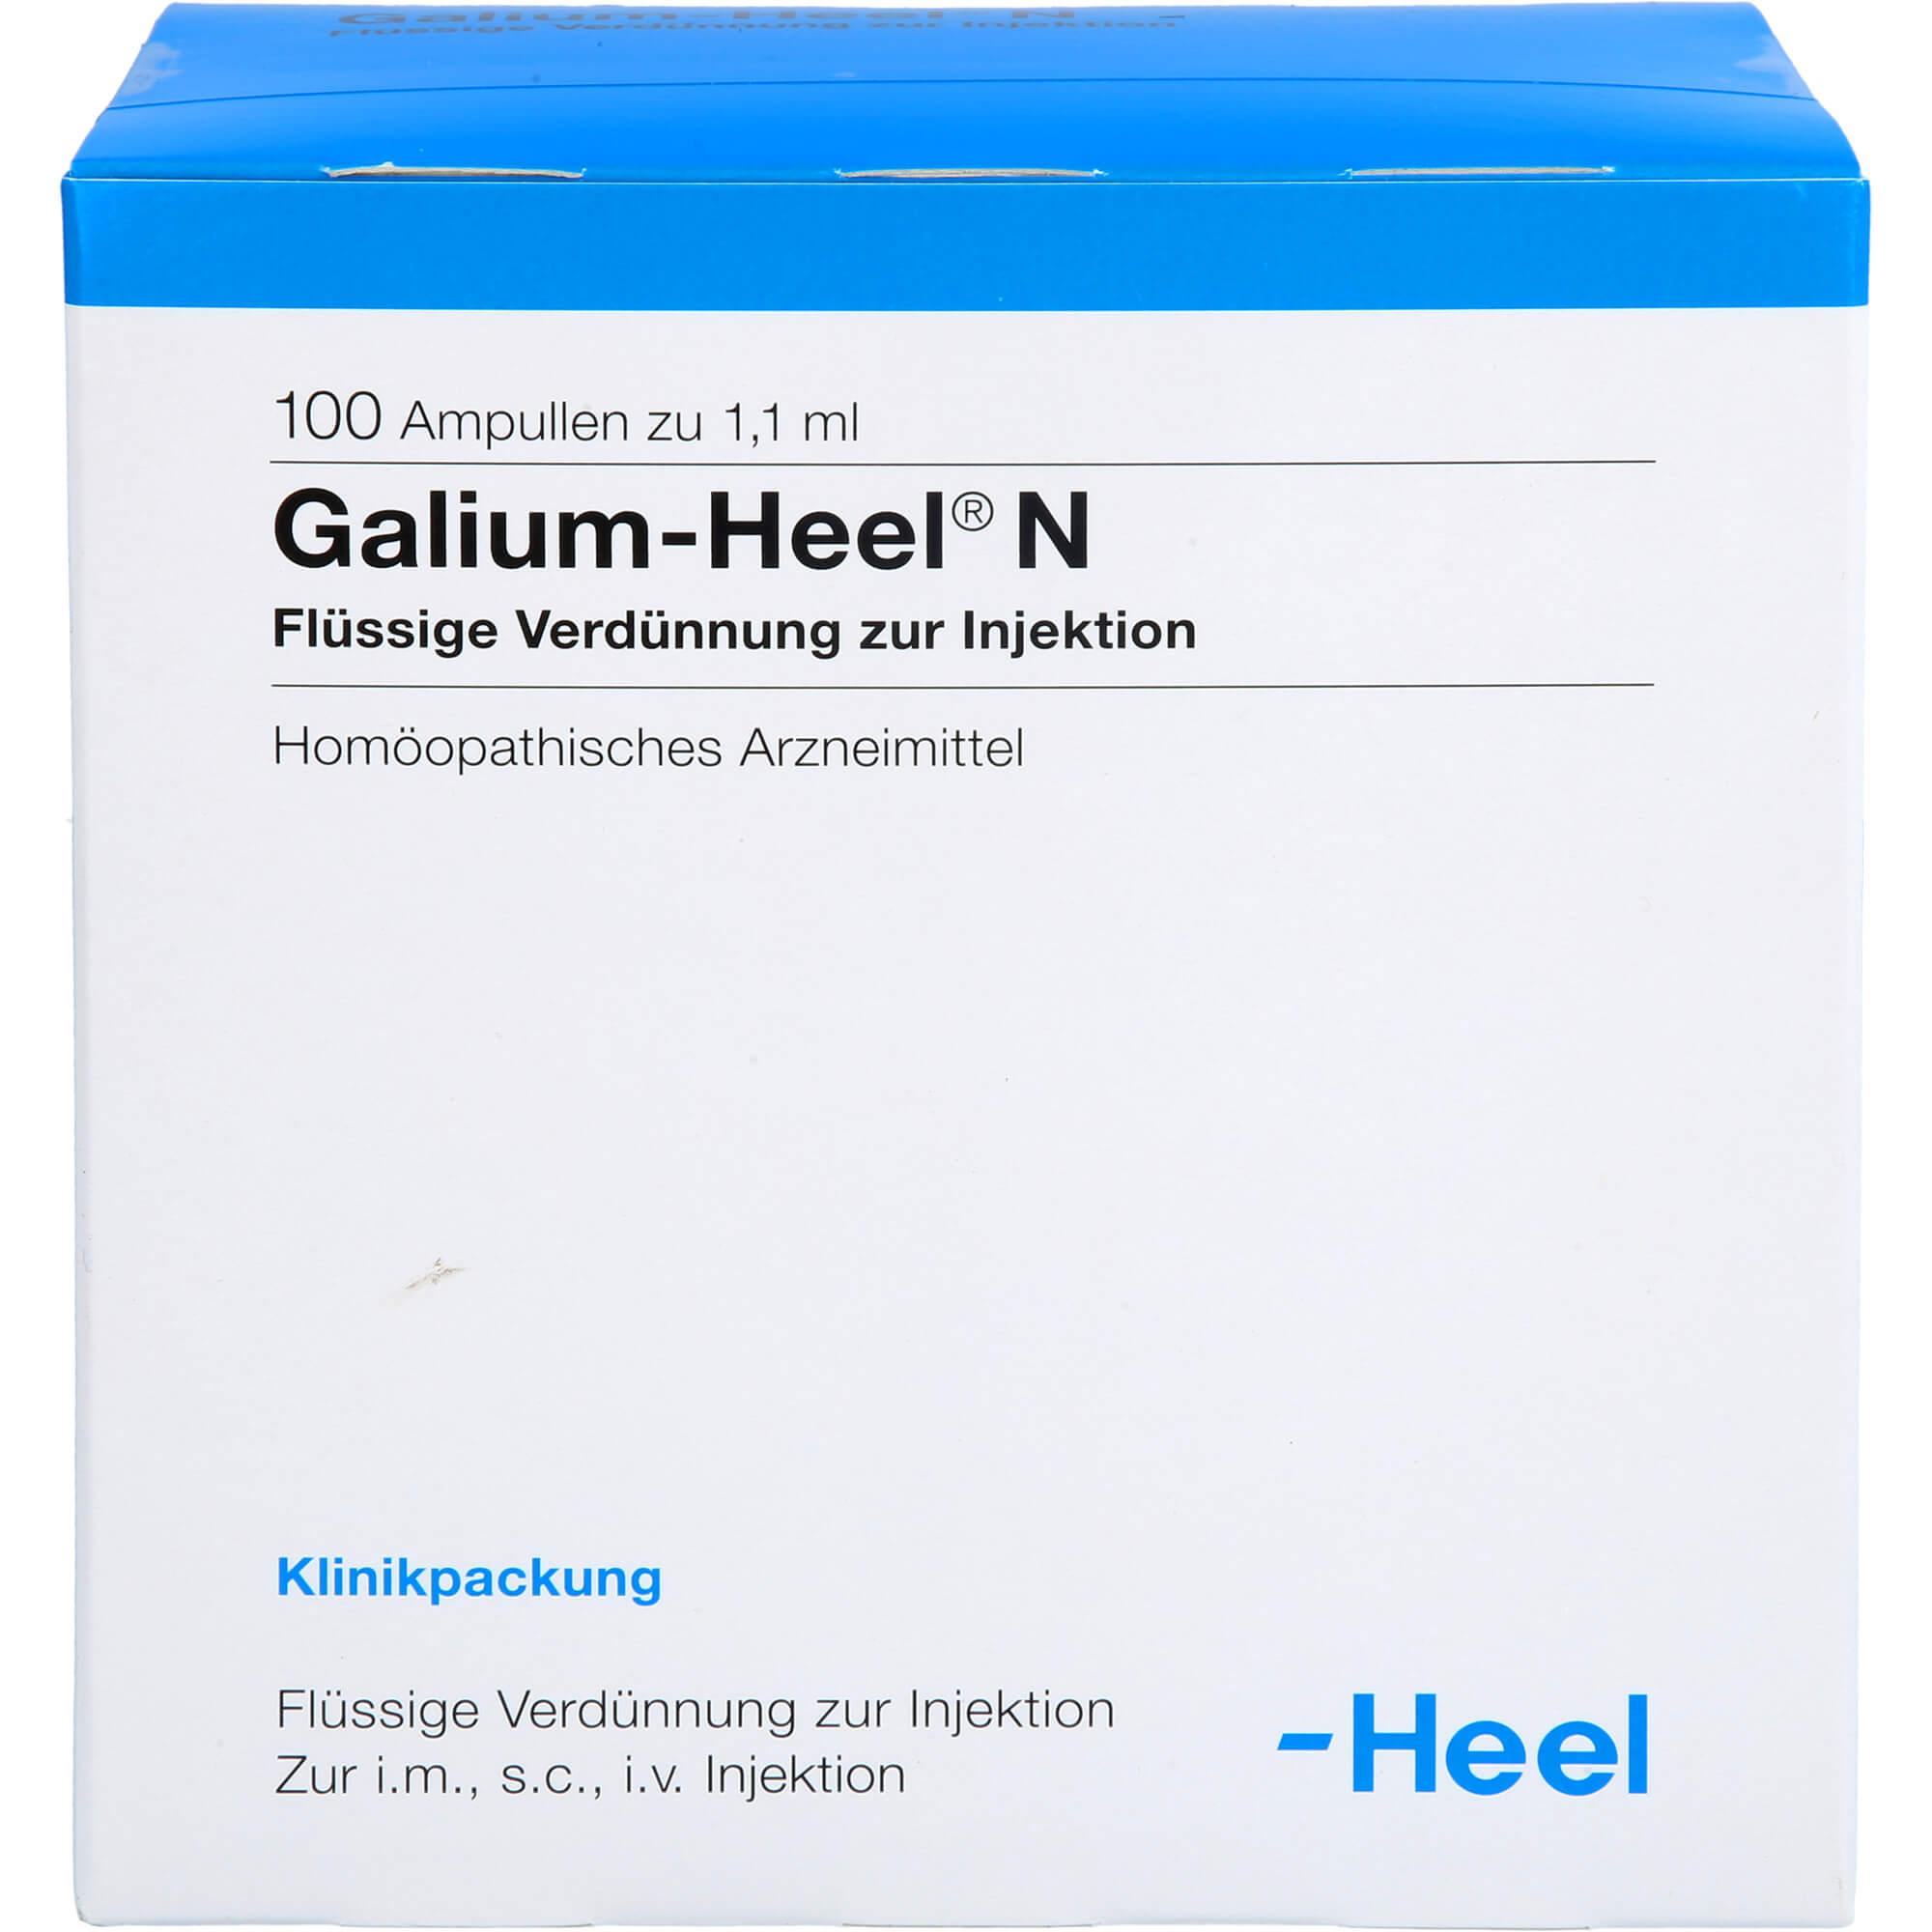 GALIUM-HEEL-N-Ampullen